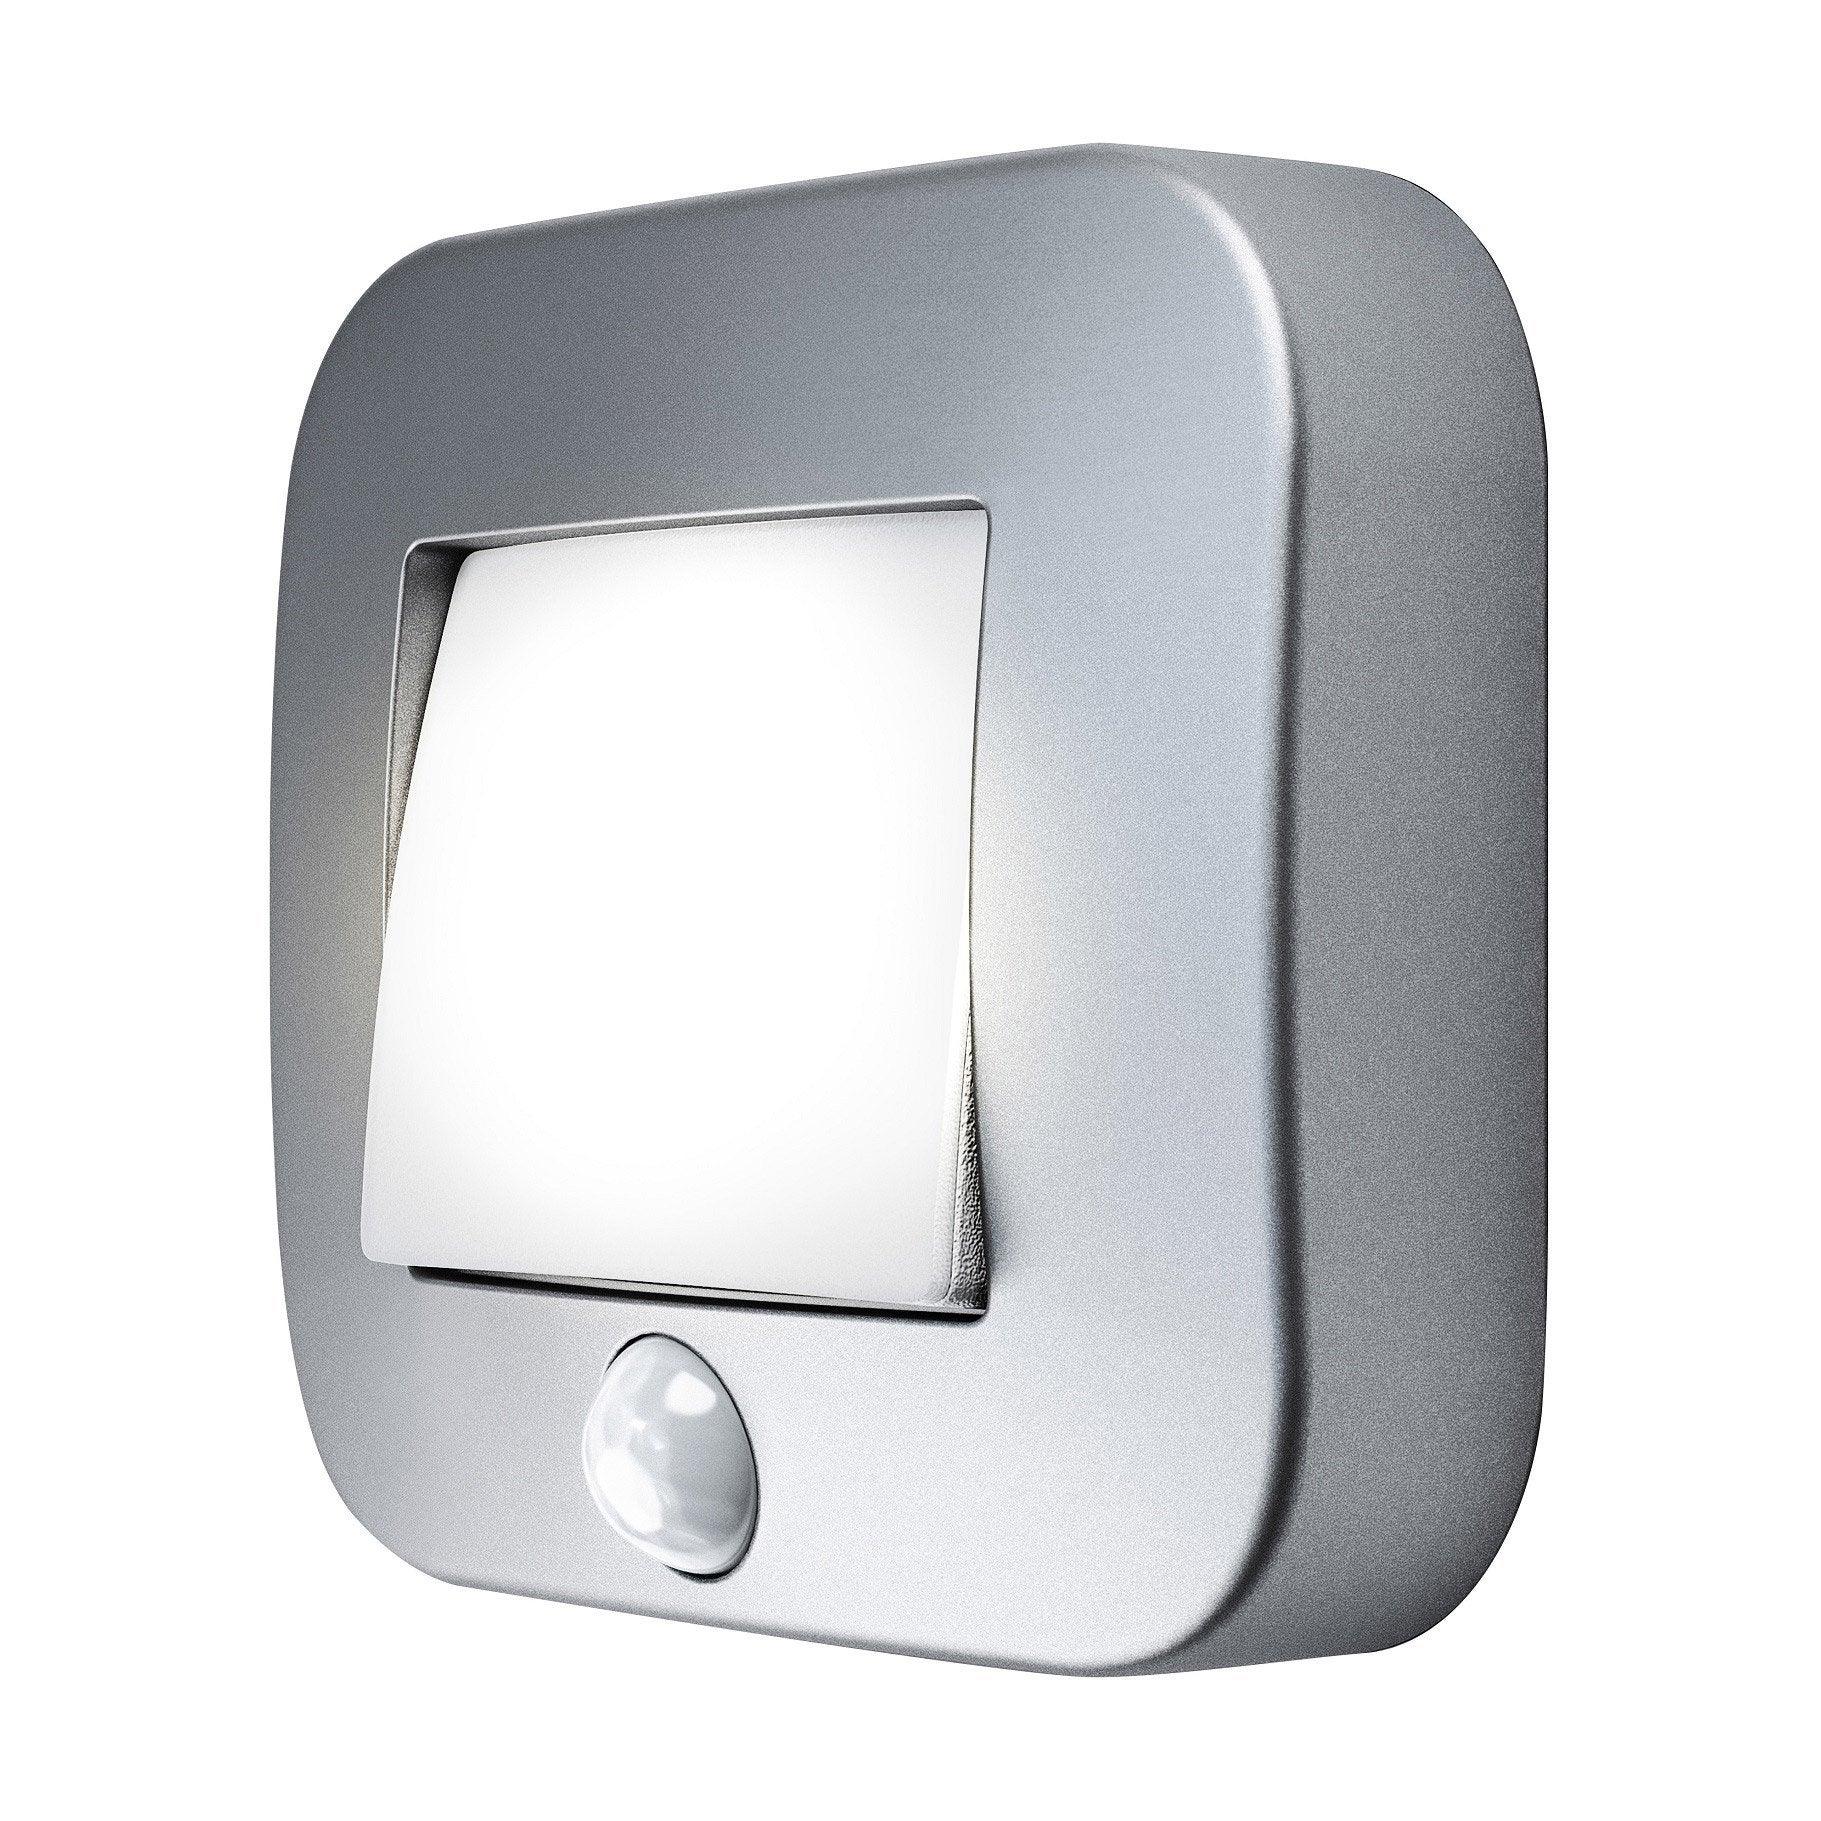 Veilleuse à détecteur LED intégrée Nightlux argent, Ledvance